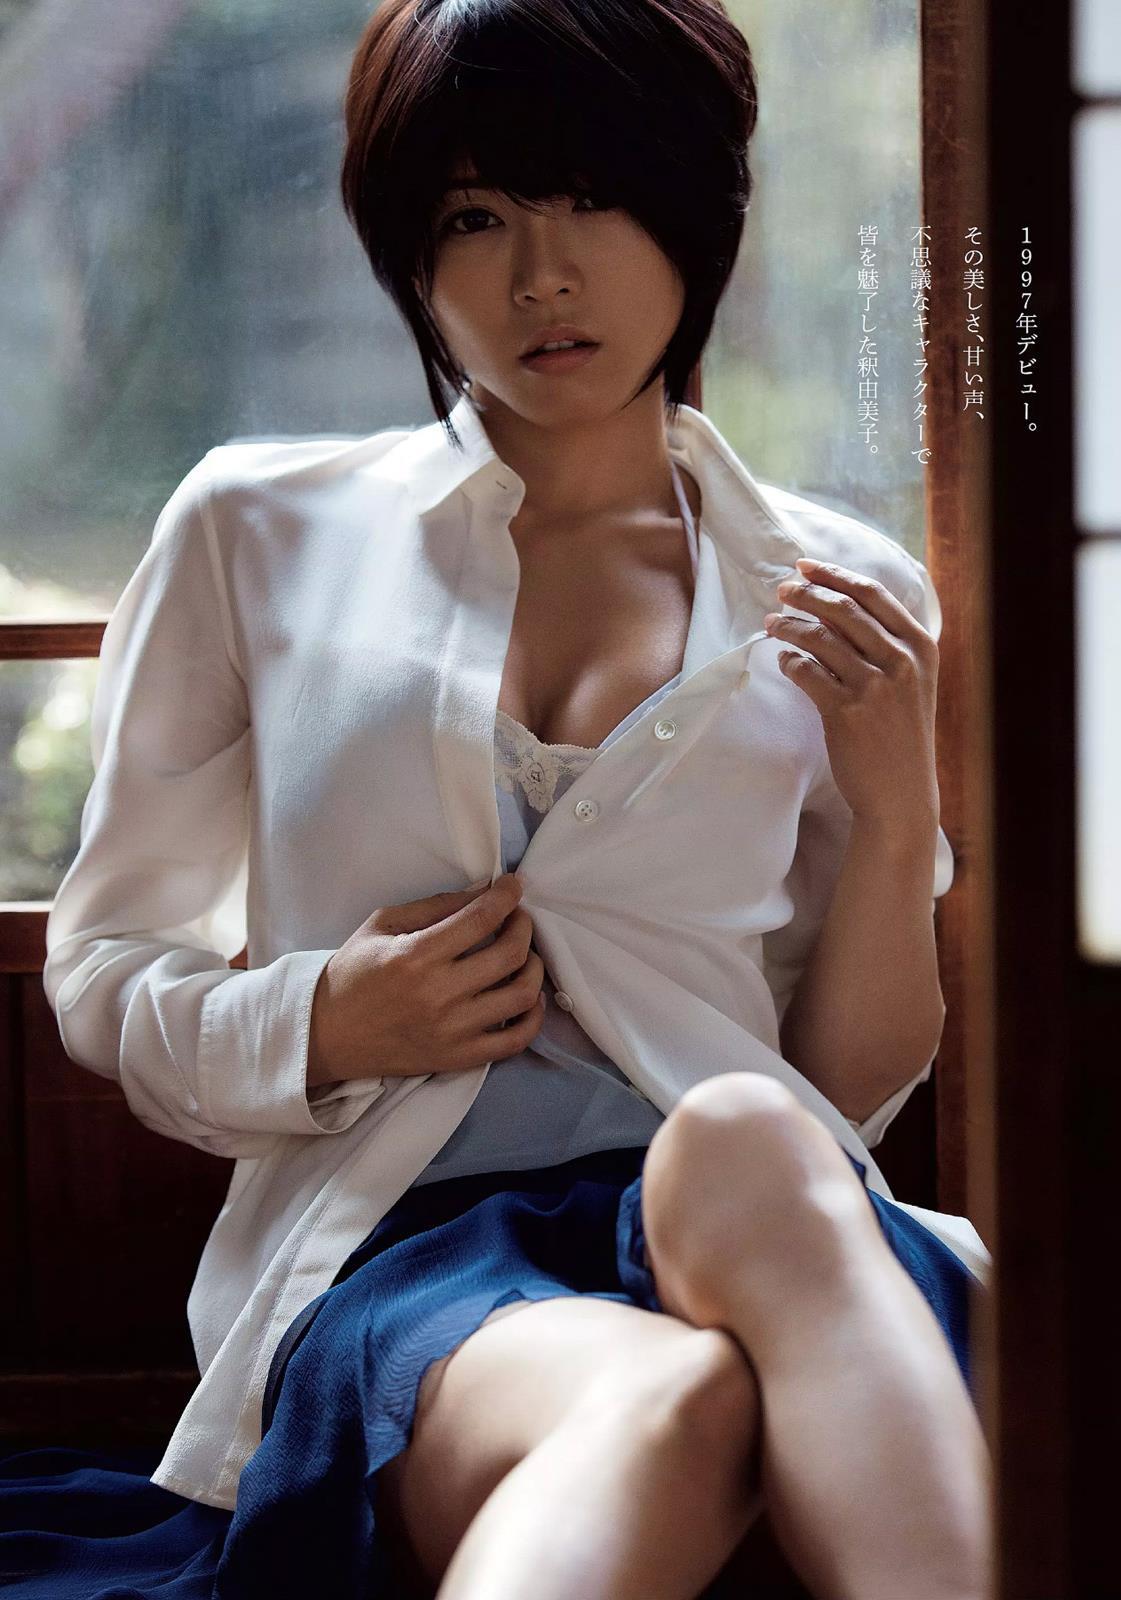 釈由美子の画像 p1_24